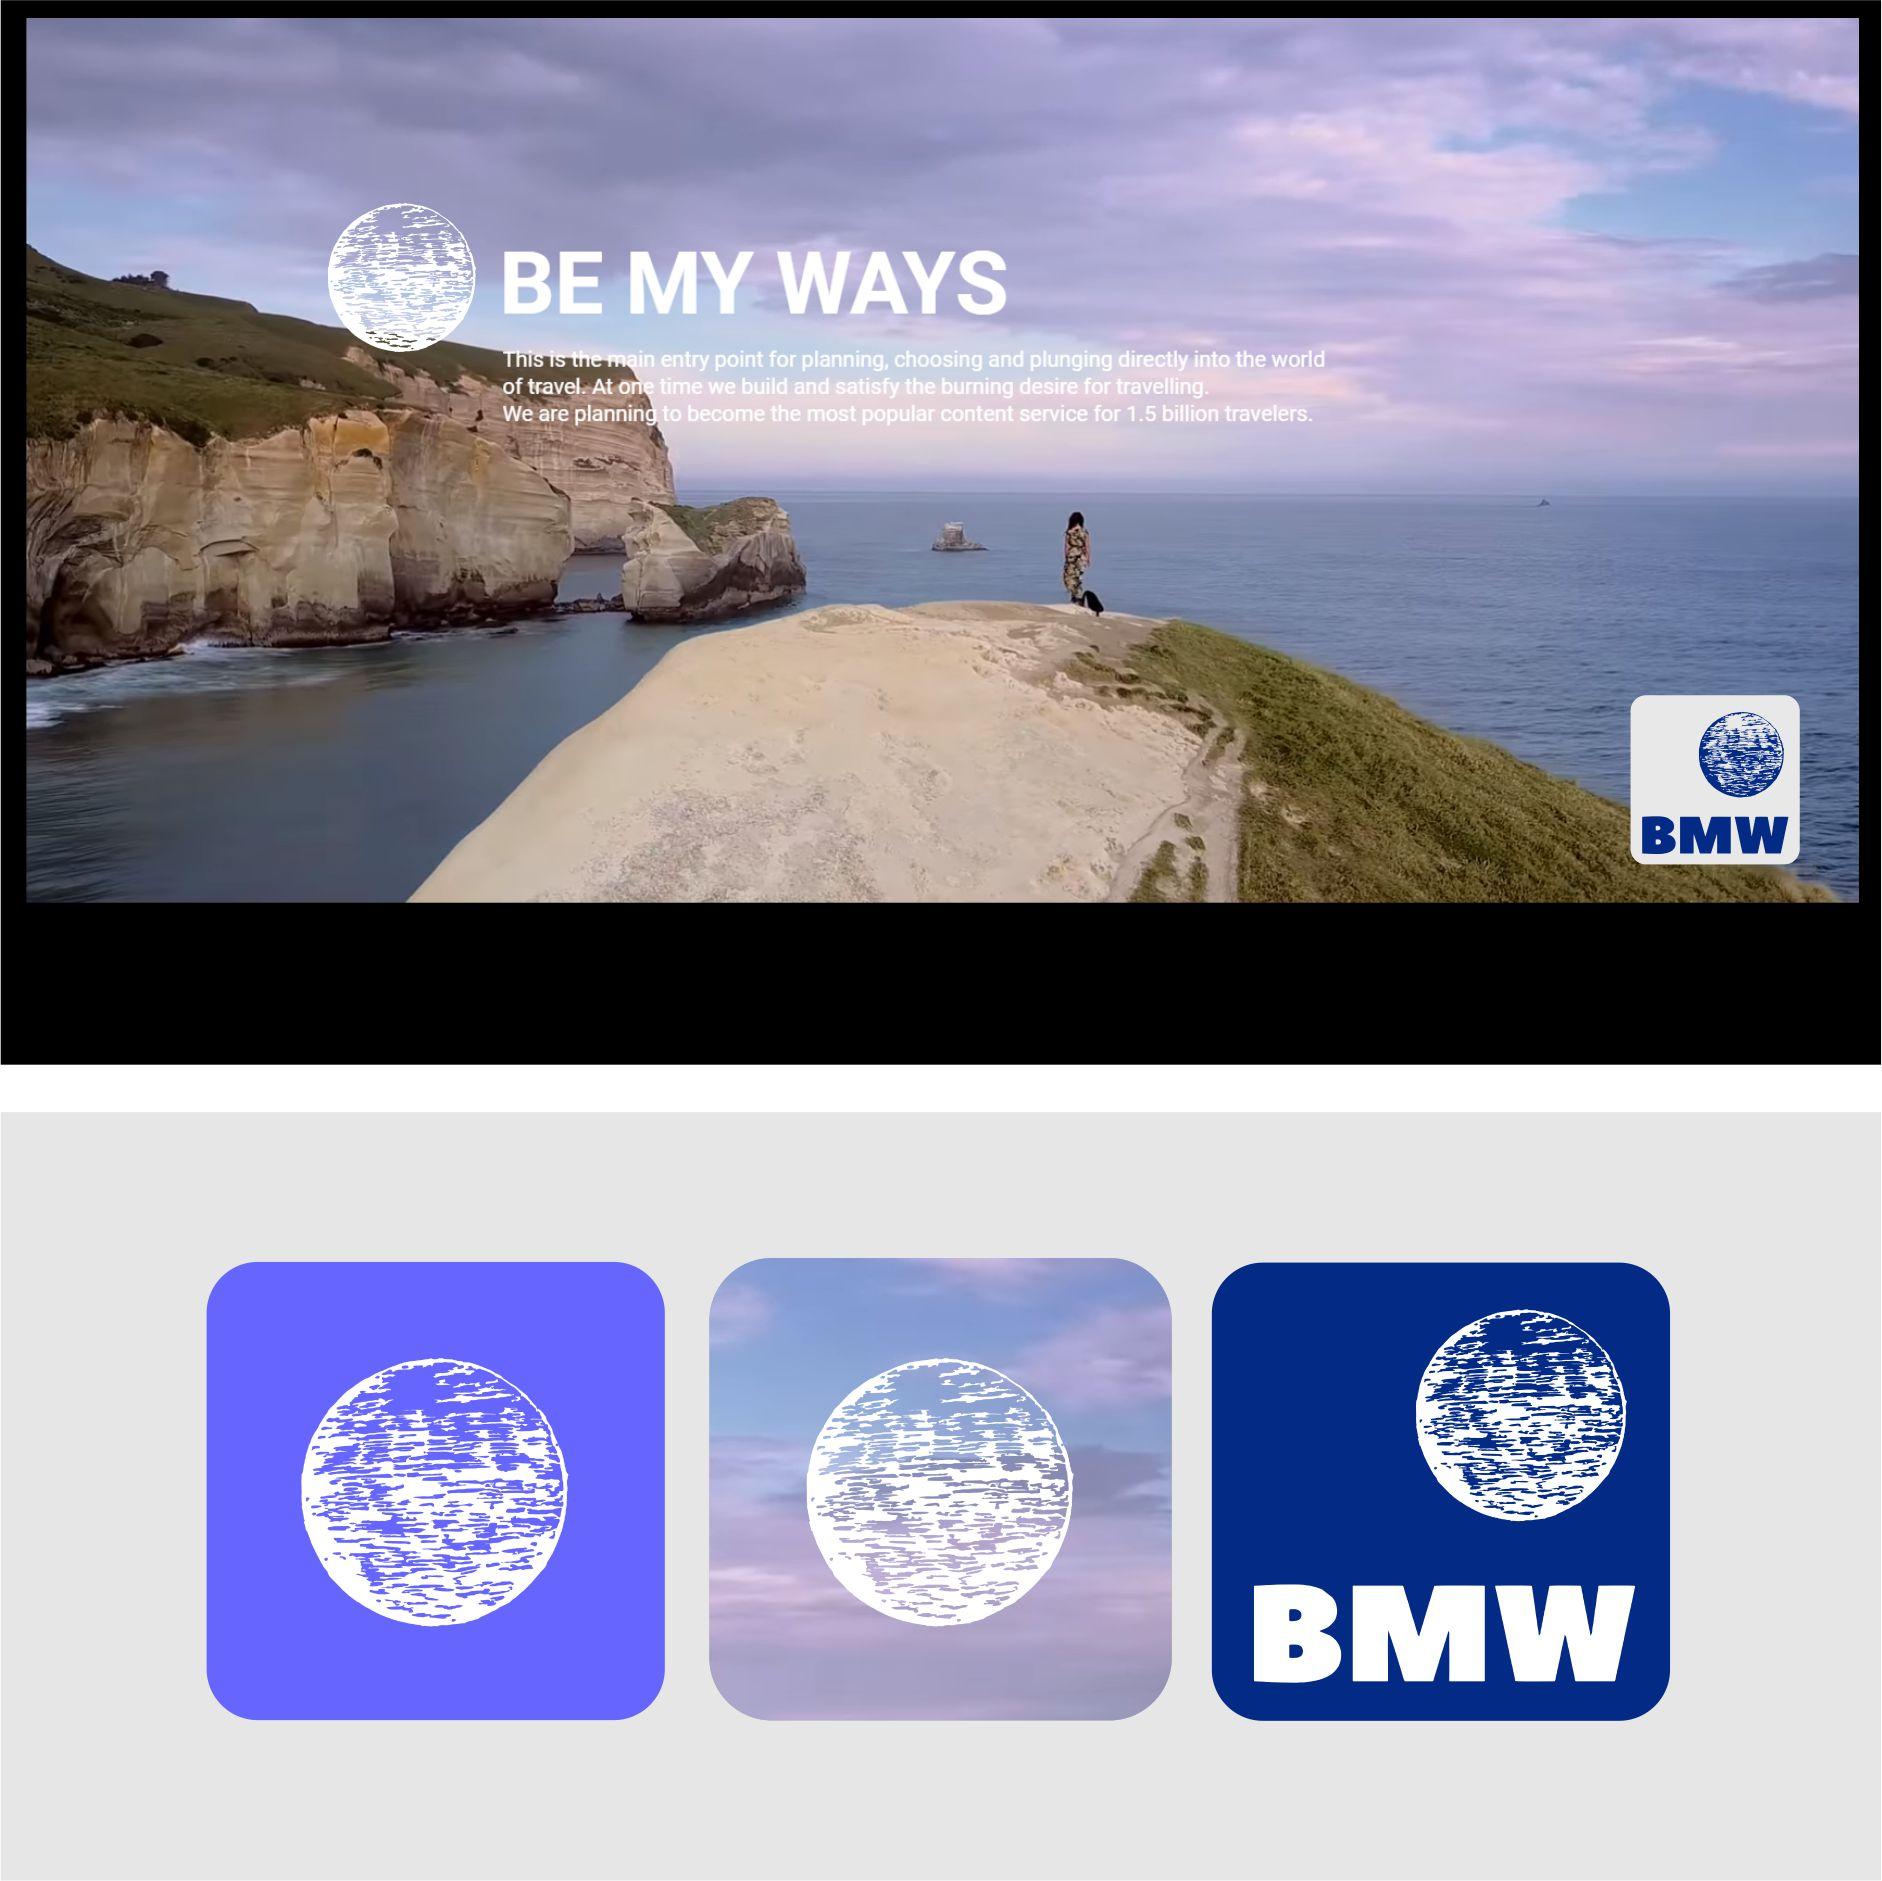 Разработка логотипа и иконки для Travel Video Platform фото f_3445c3c6032baa14.jpg